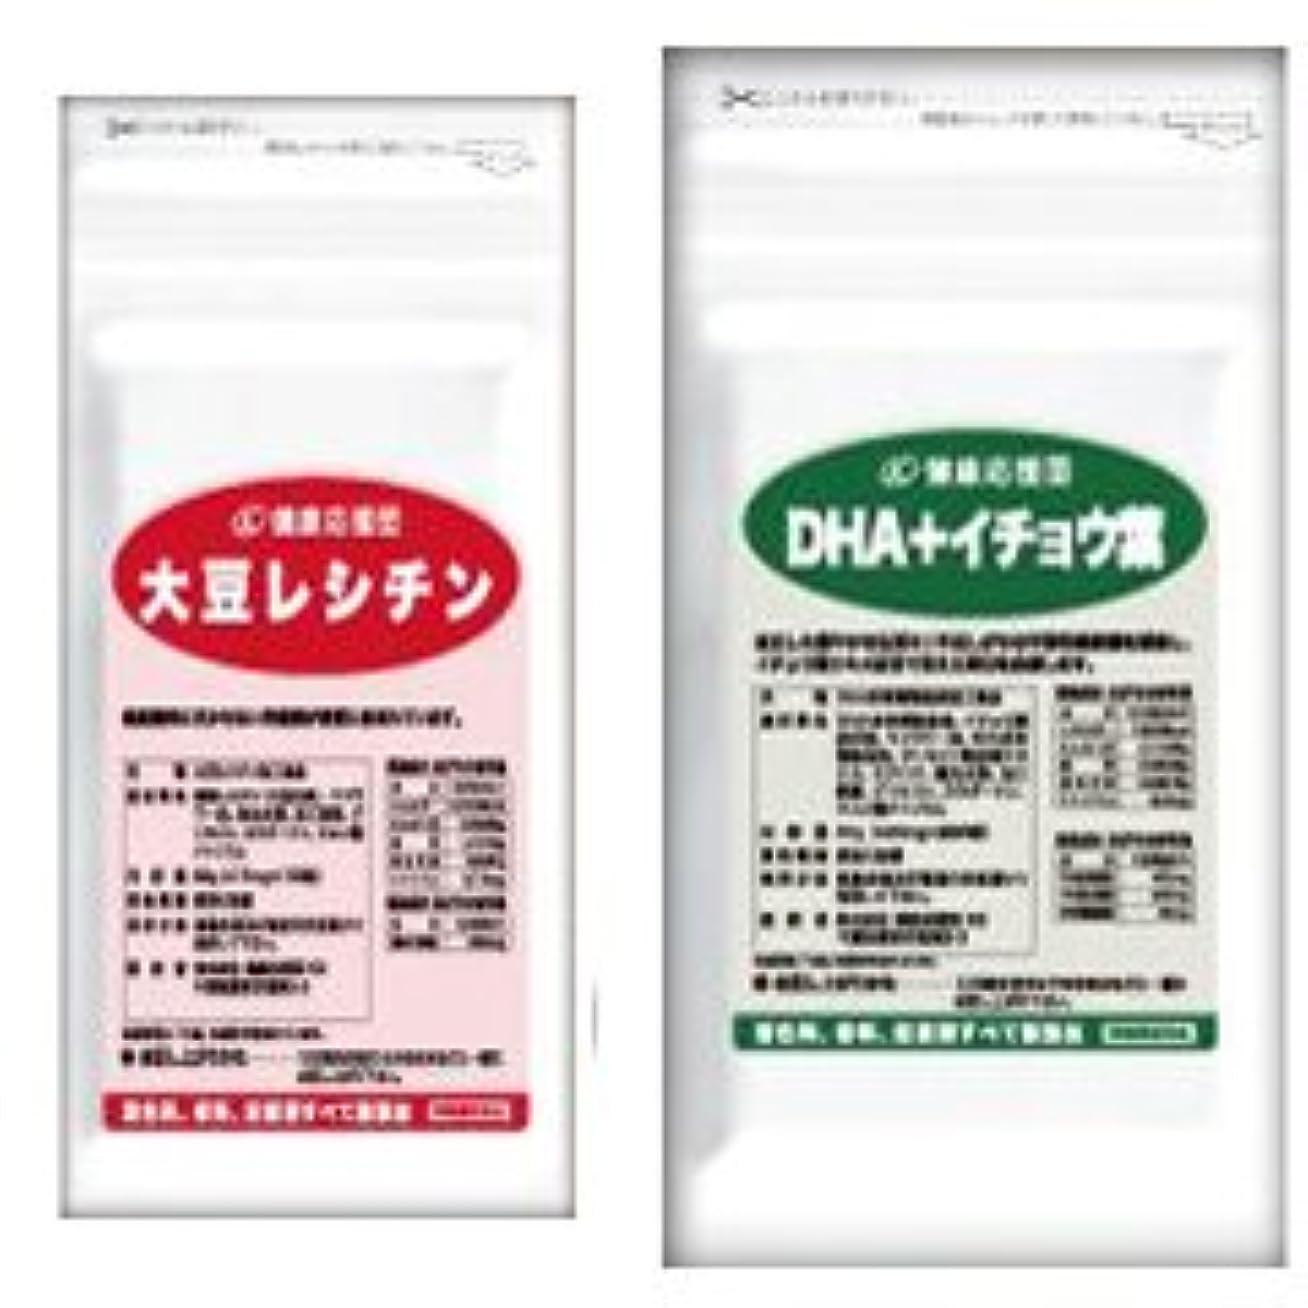 受け皿レポートを書くによって流れサラサラセット 大豆レシチン+(DHA?EPA+イチョウ葉) お徳用12か月分